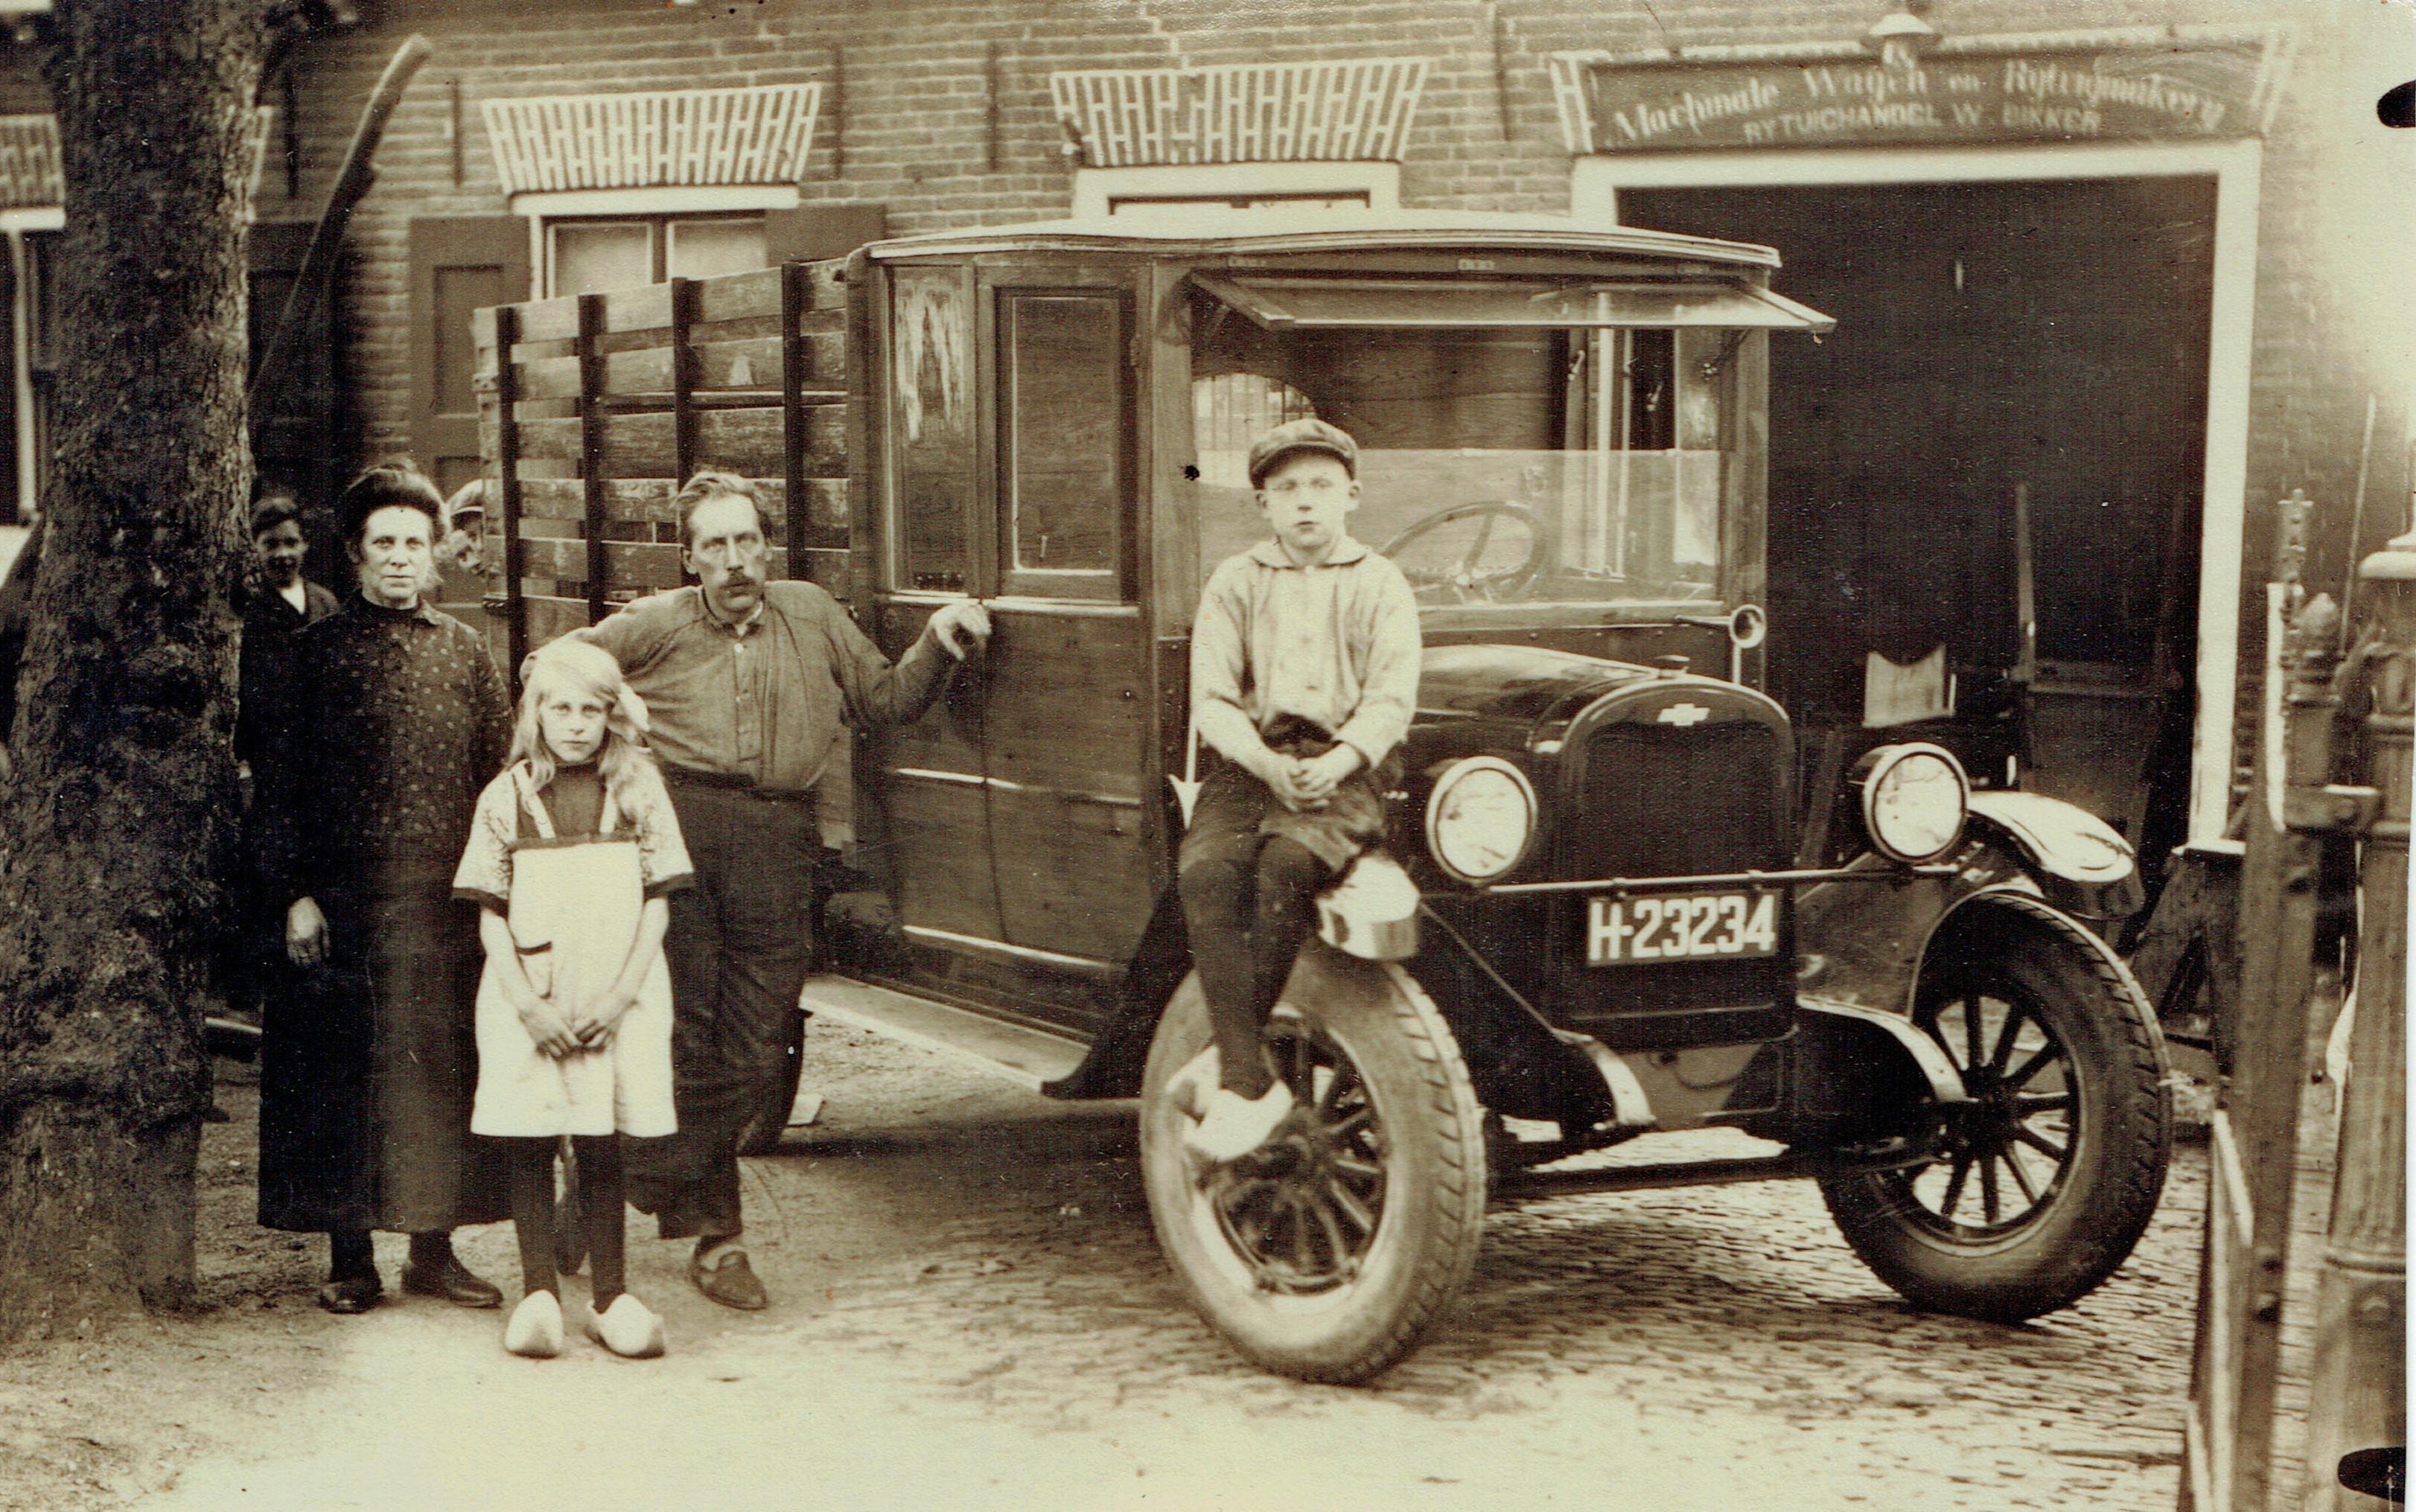 carrosserie-Willem-mijndert-Bikker-met-zijn-vrouw-en--dochter-Aafje--Op-het-spatbord-zit-zijn-zoon-Jacob--Foto-uit-ongeveer-1927